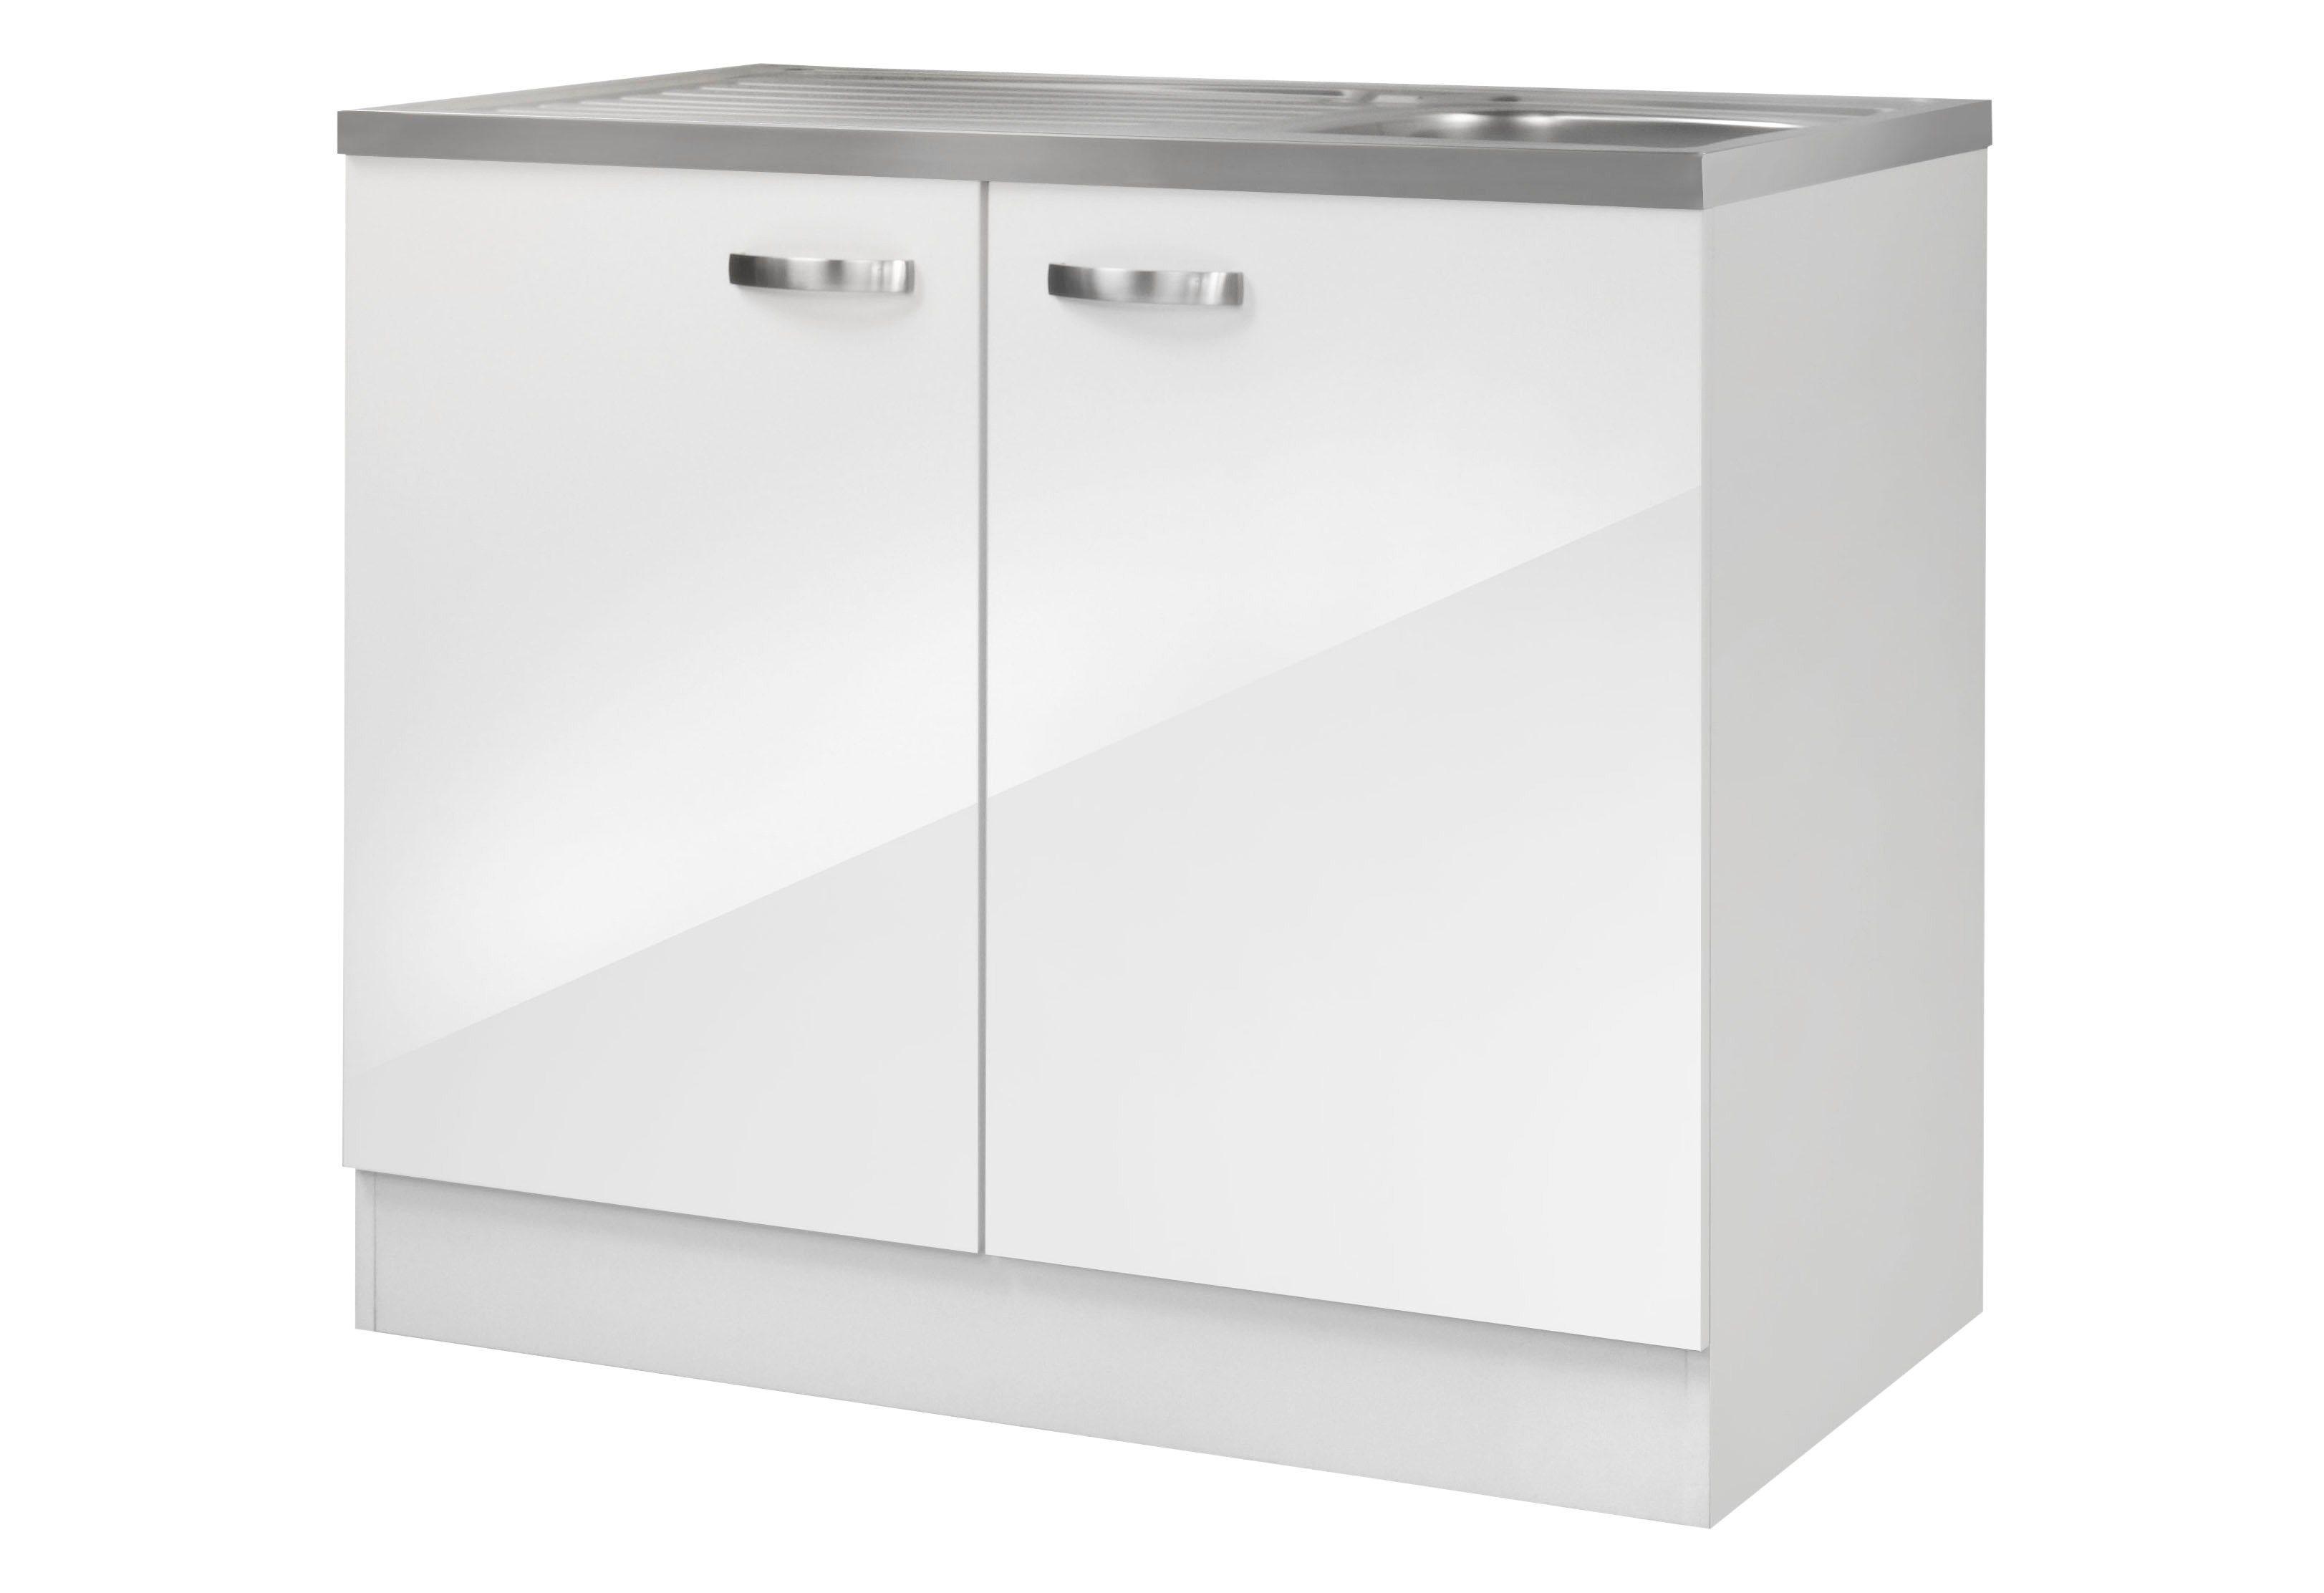 OPTIFIT Spülenschrank »Lagos, Breite 100 cm« | Küche und Esszimmer > Küchenschränke > Spülenschränke | Holzwerkstoff | OPTIFIT